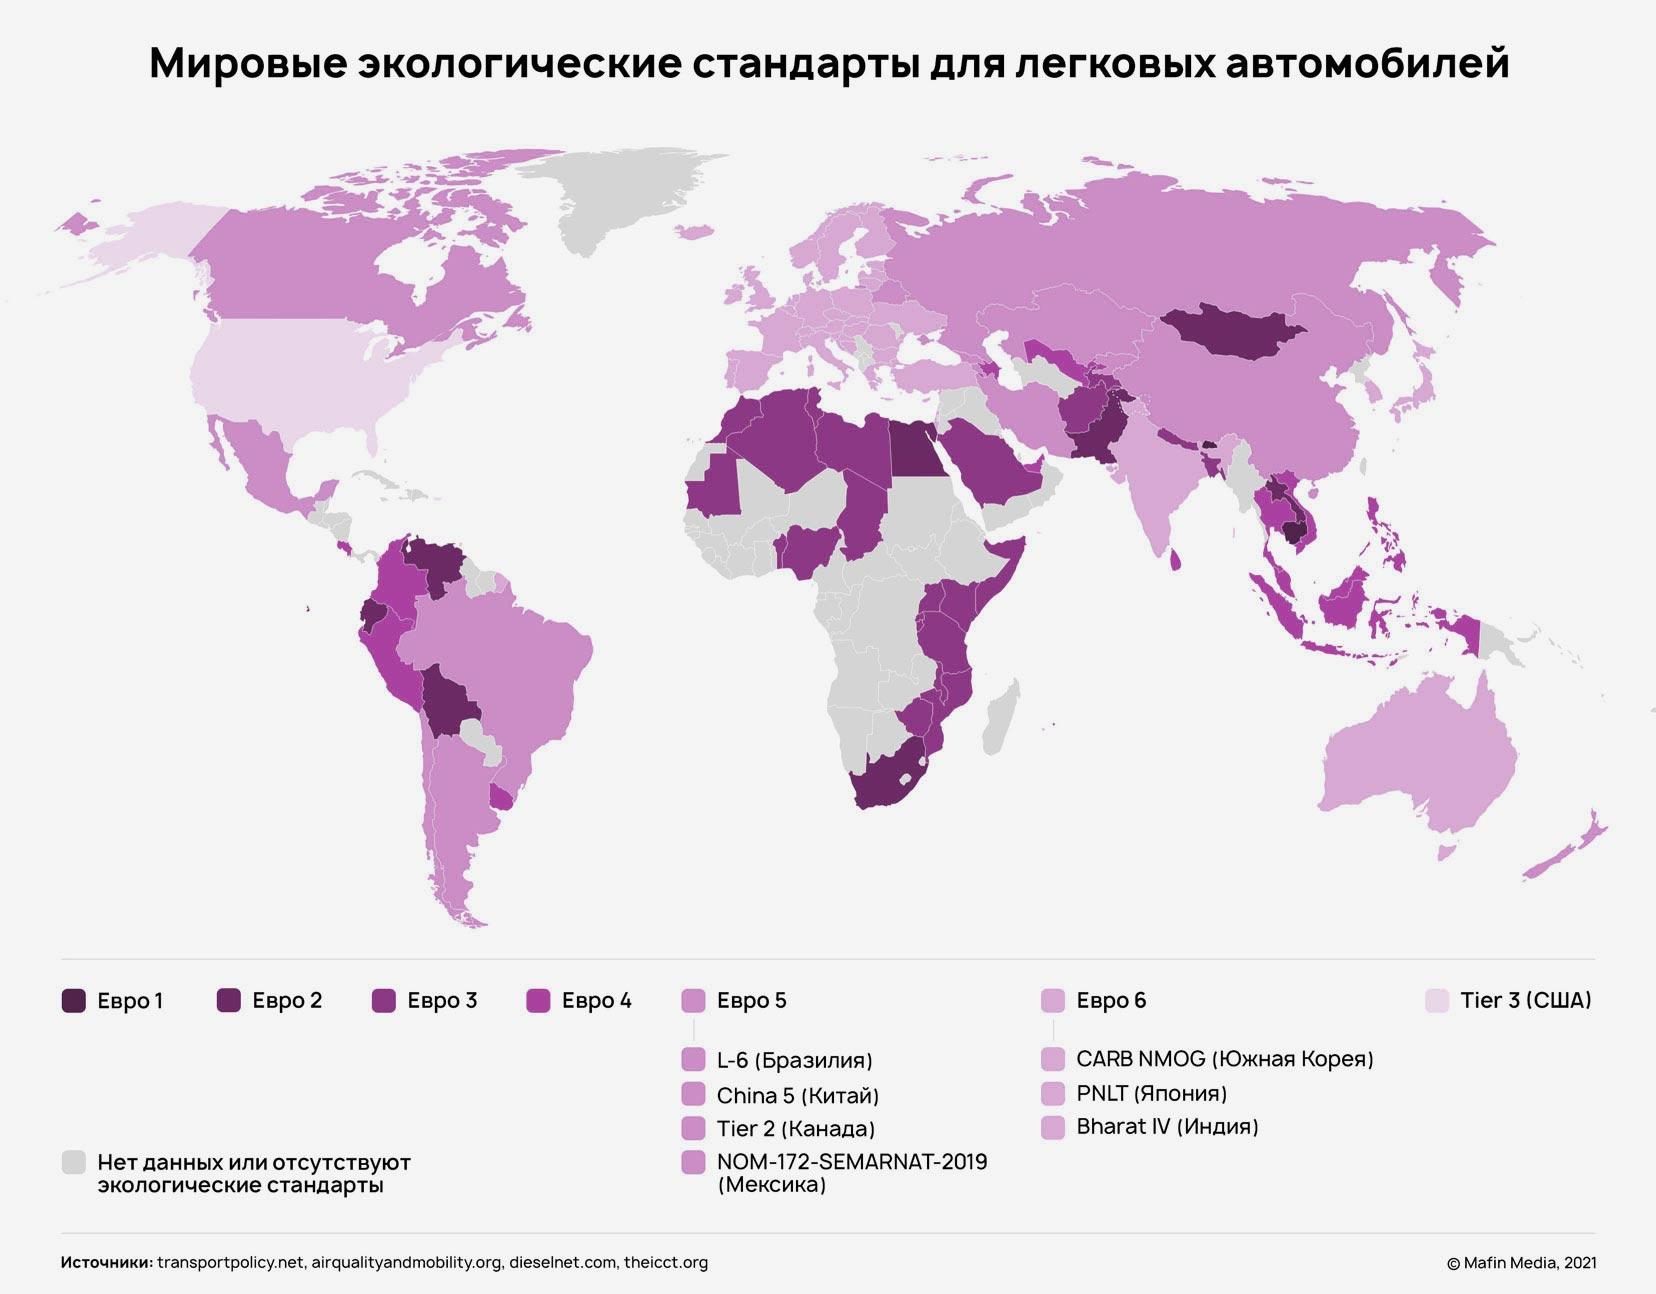 Карта мировых экостандартов для легковых автомобилей